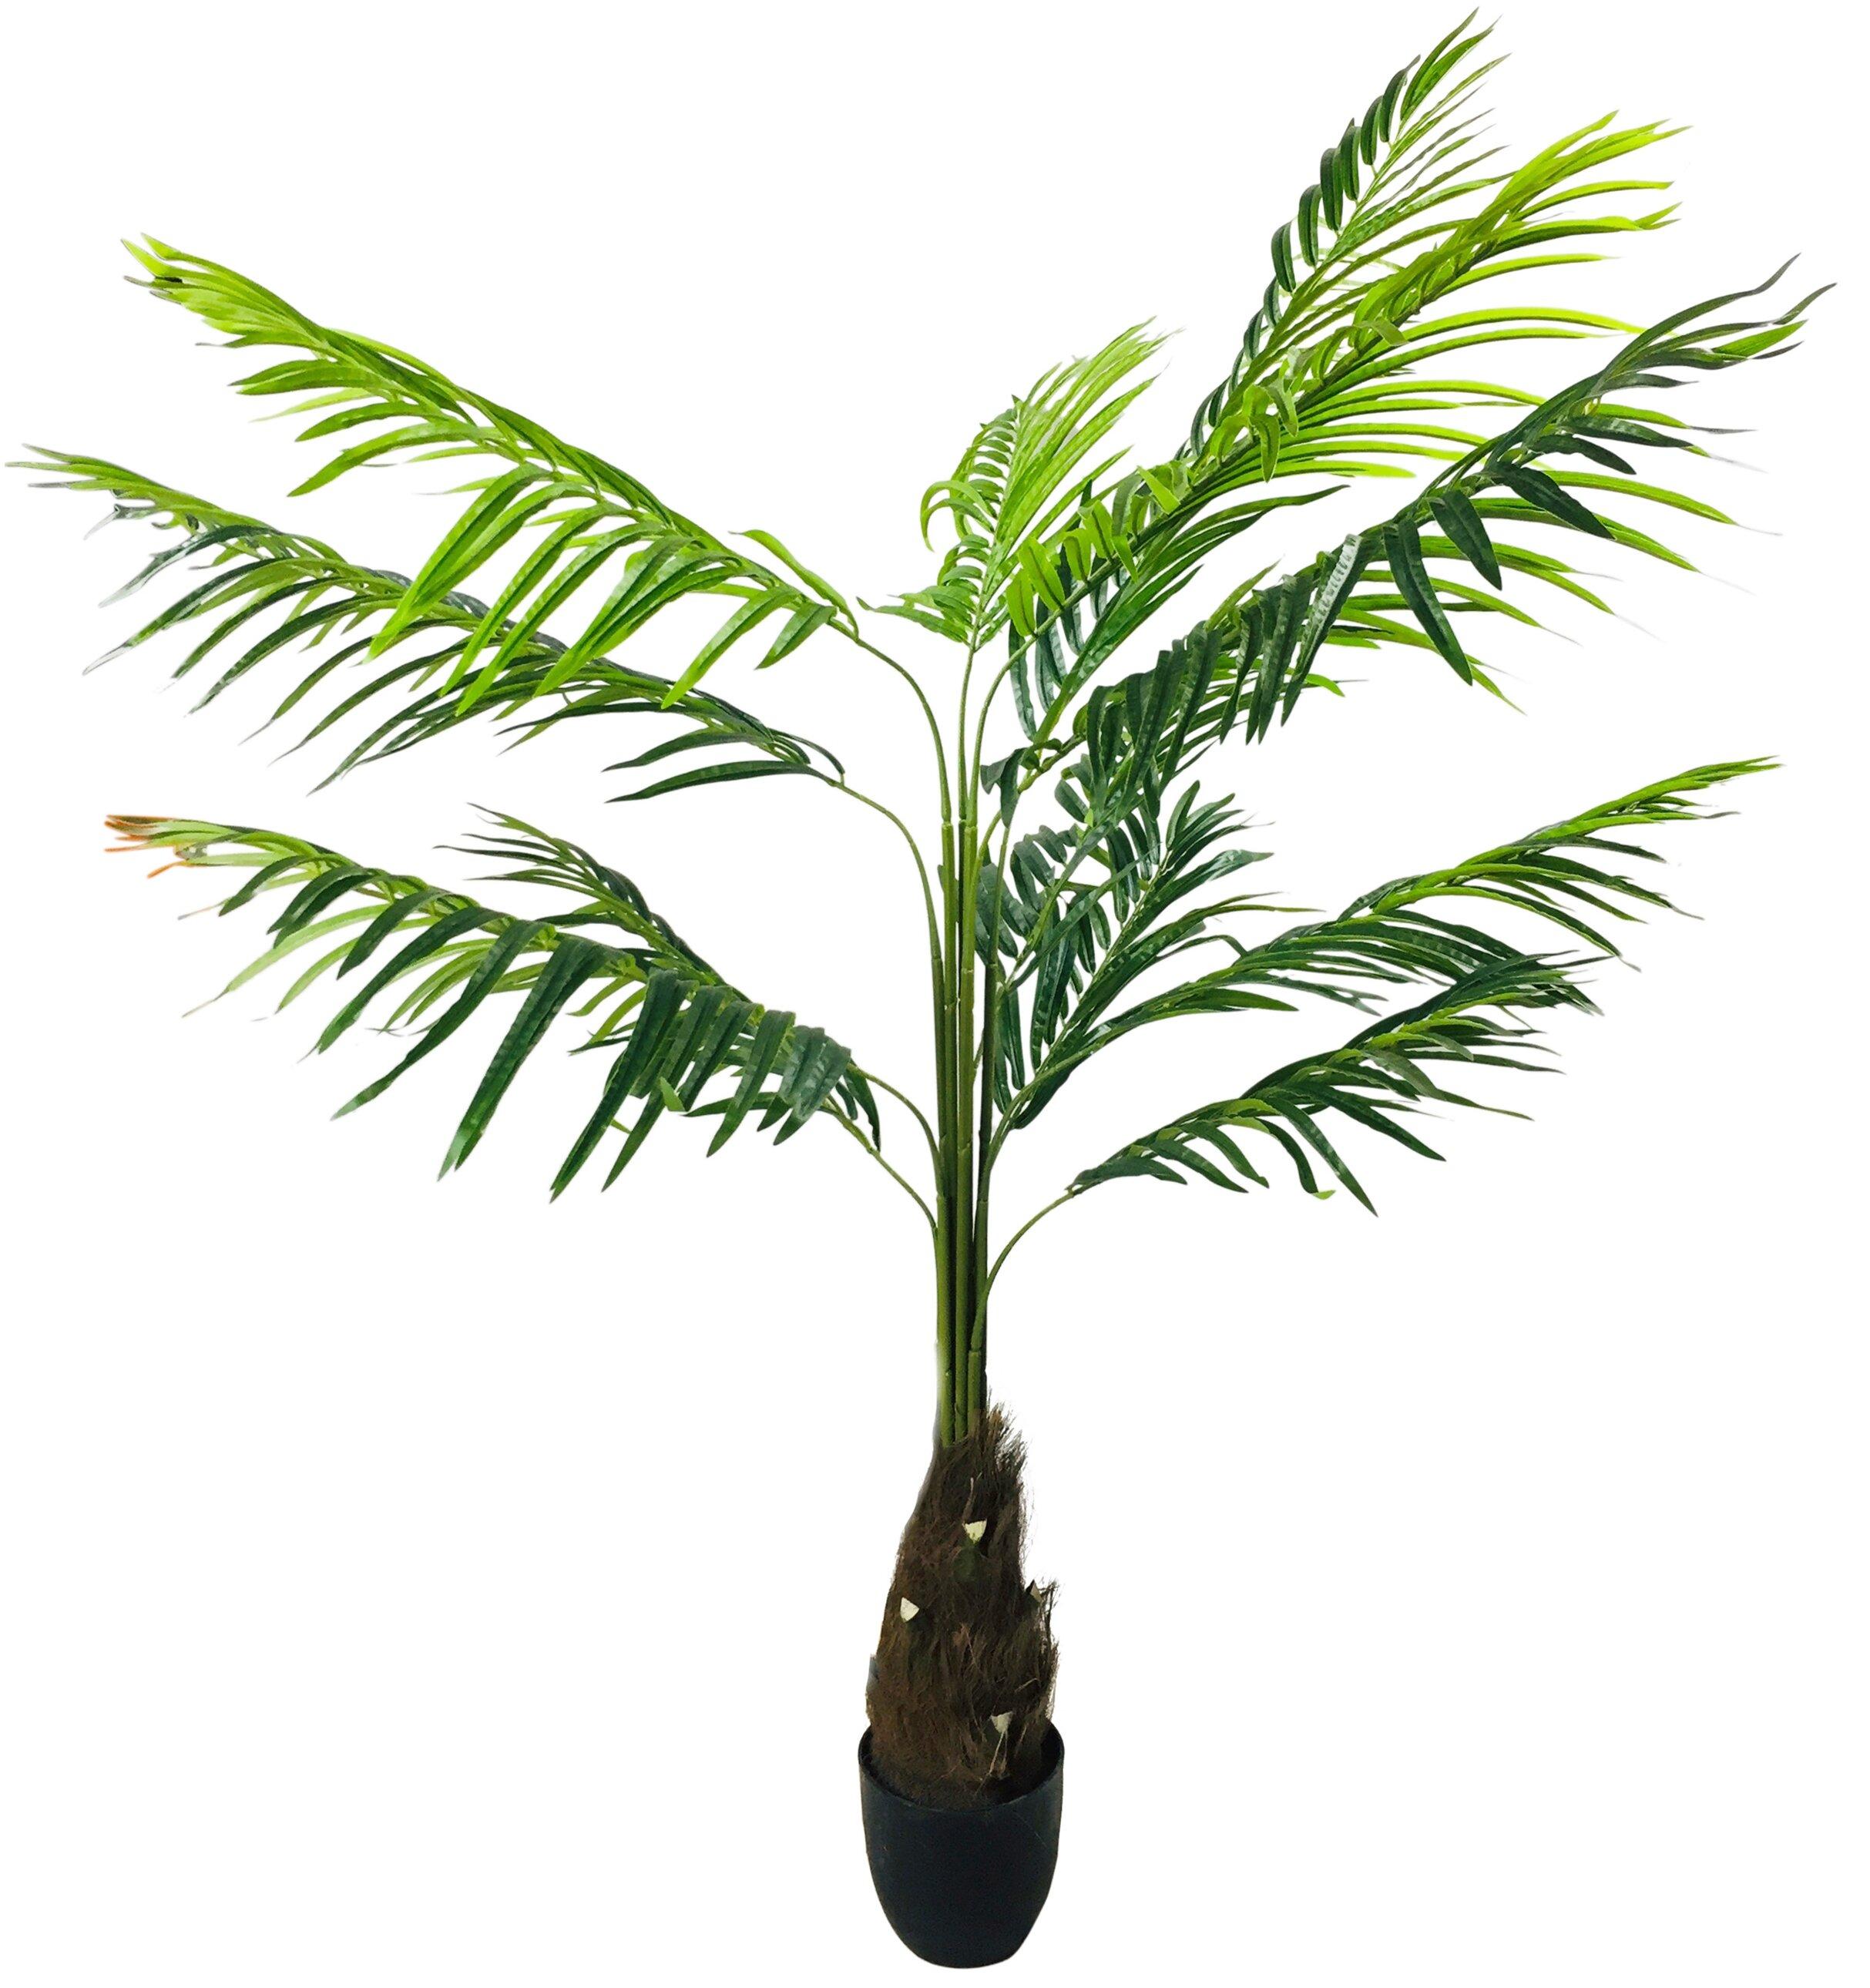 Geko Products Artificial Floor Palm Tree In Pot Wayfair Co Uk